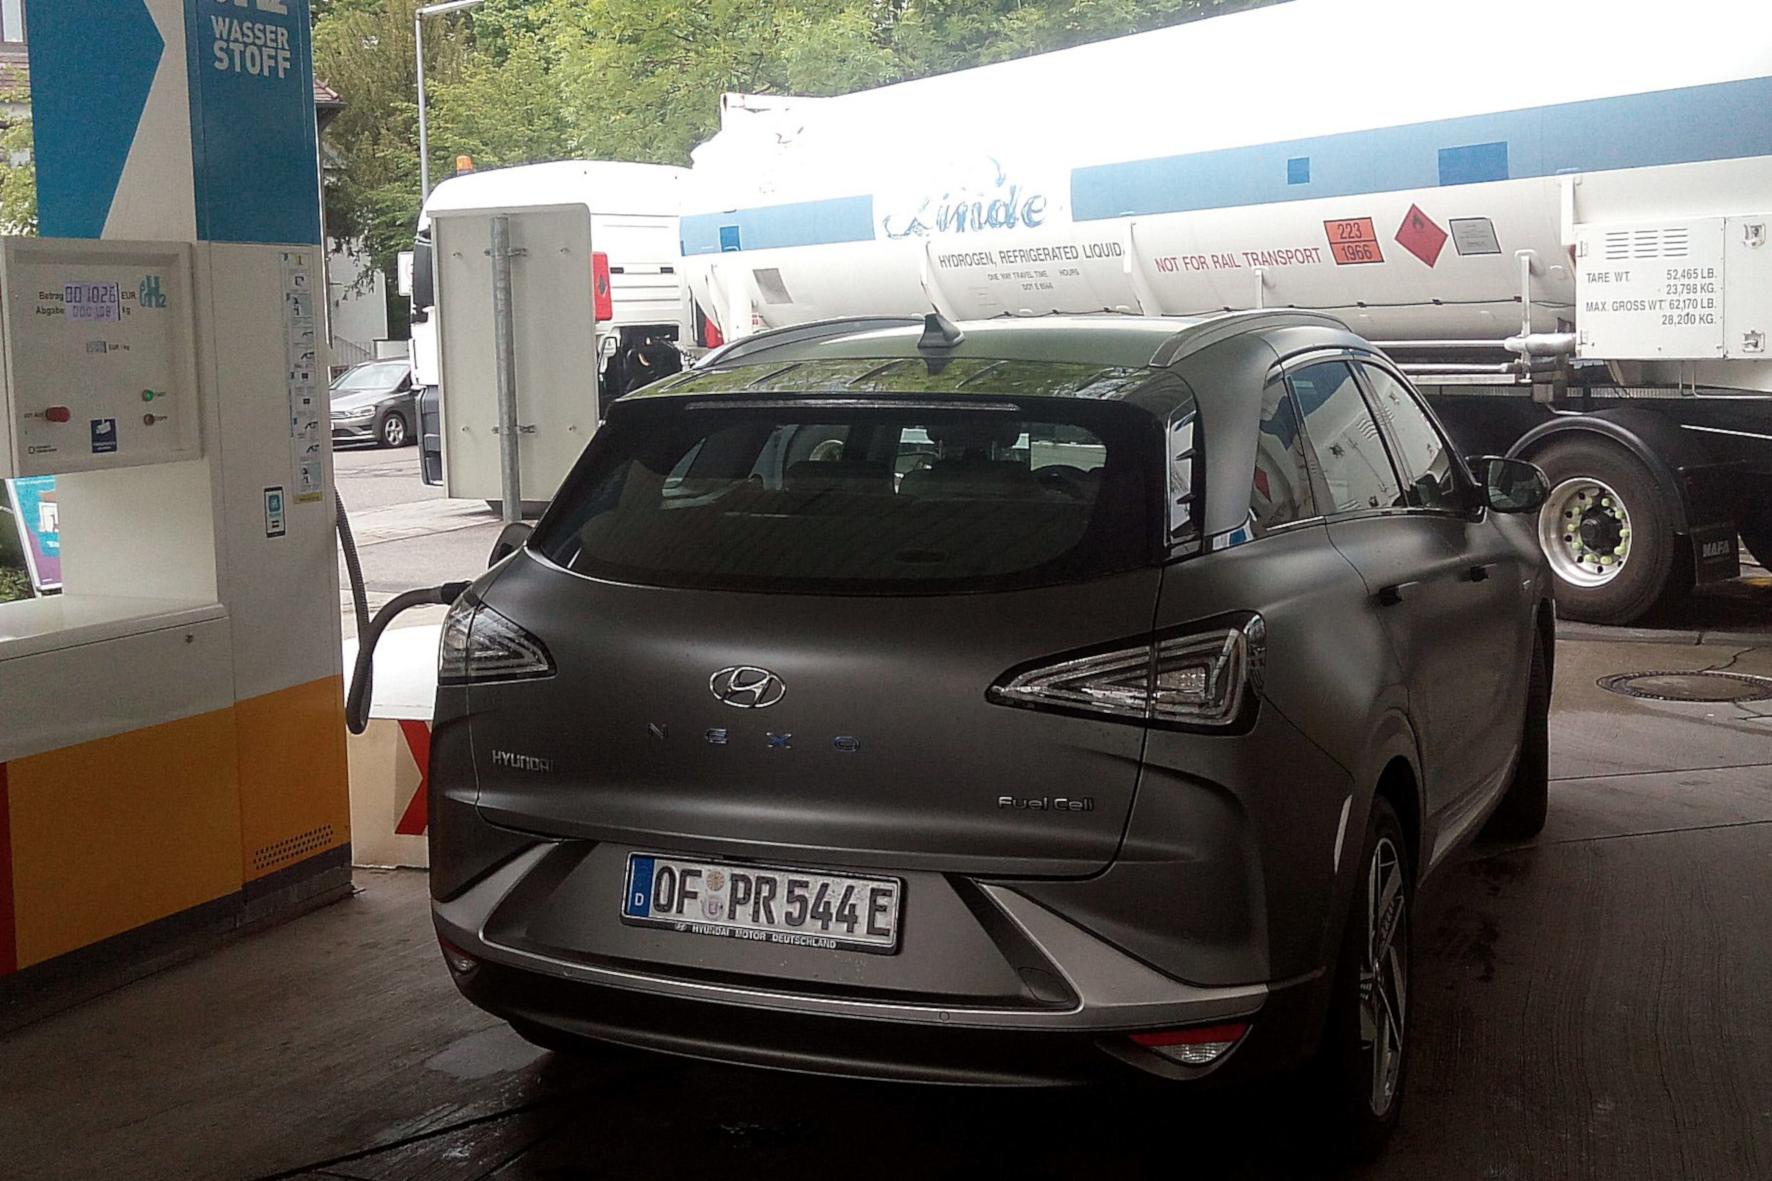 mid Groß-Gerau - Wasserstoff-Autos mit einer Reichweite von rund 500 Kilometern sind E-Autos mit großem Akku überlegen. Rudolf Huber / mid